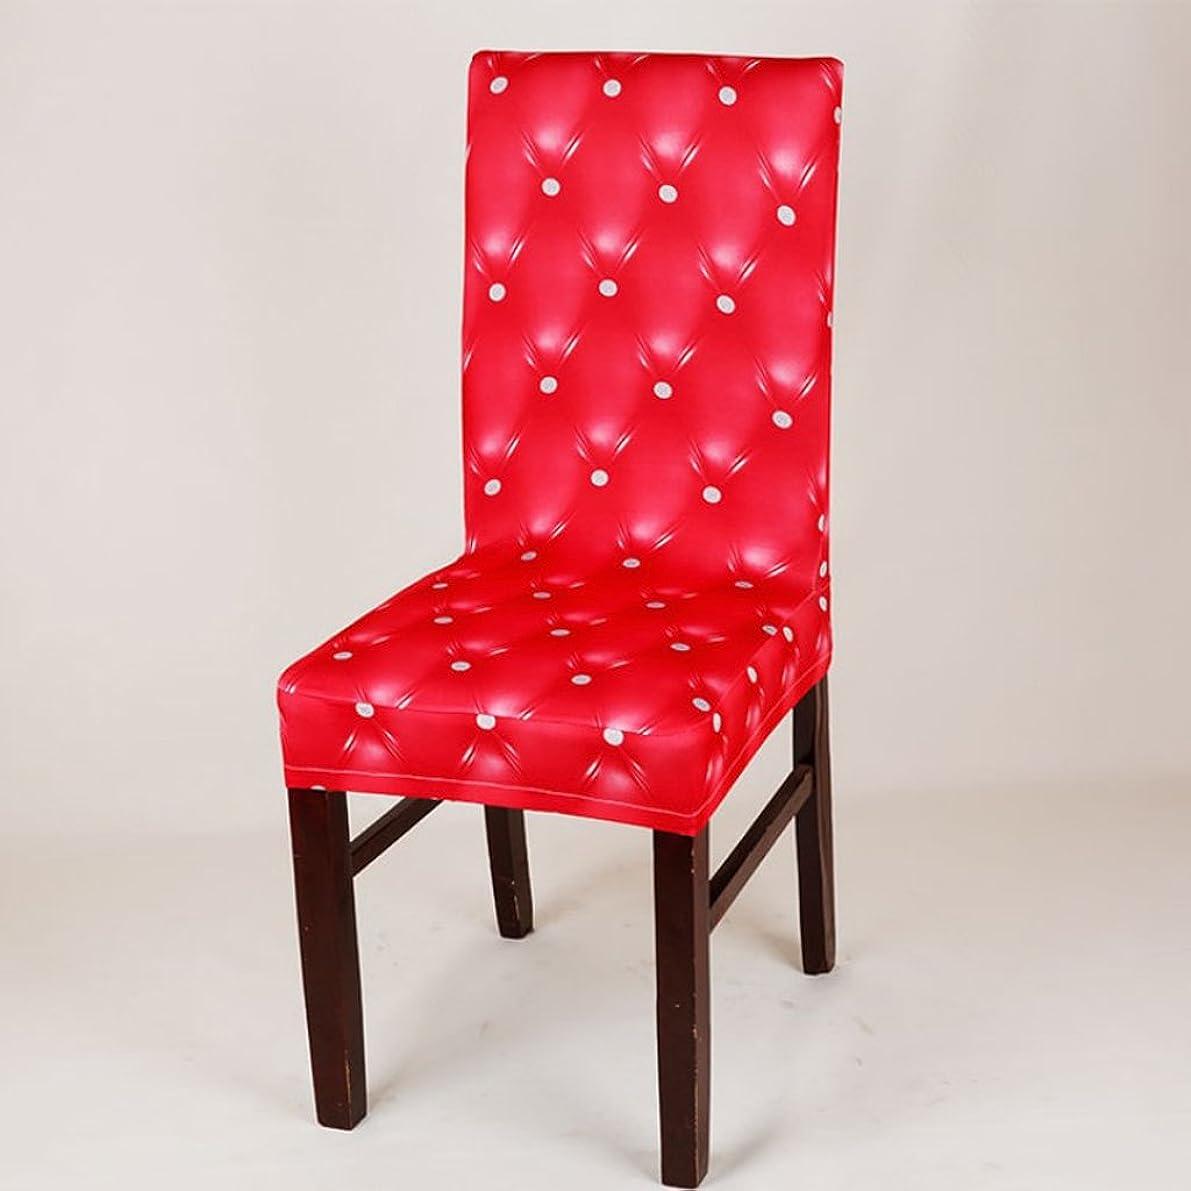 ビタミン分類雄大なFLAMEER 取り外し可能なスパンデックス弾性椅子カバーdiyダイニングルームチェアプロテクター結婚式の装飾ライクラスリップカバー - レッド